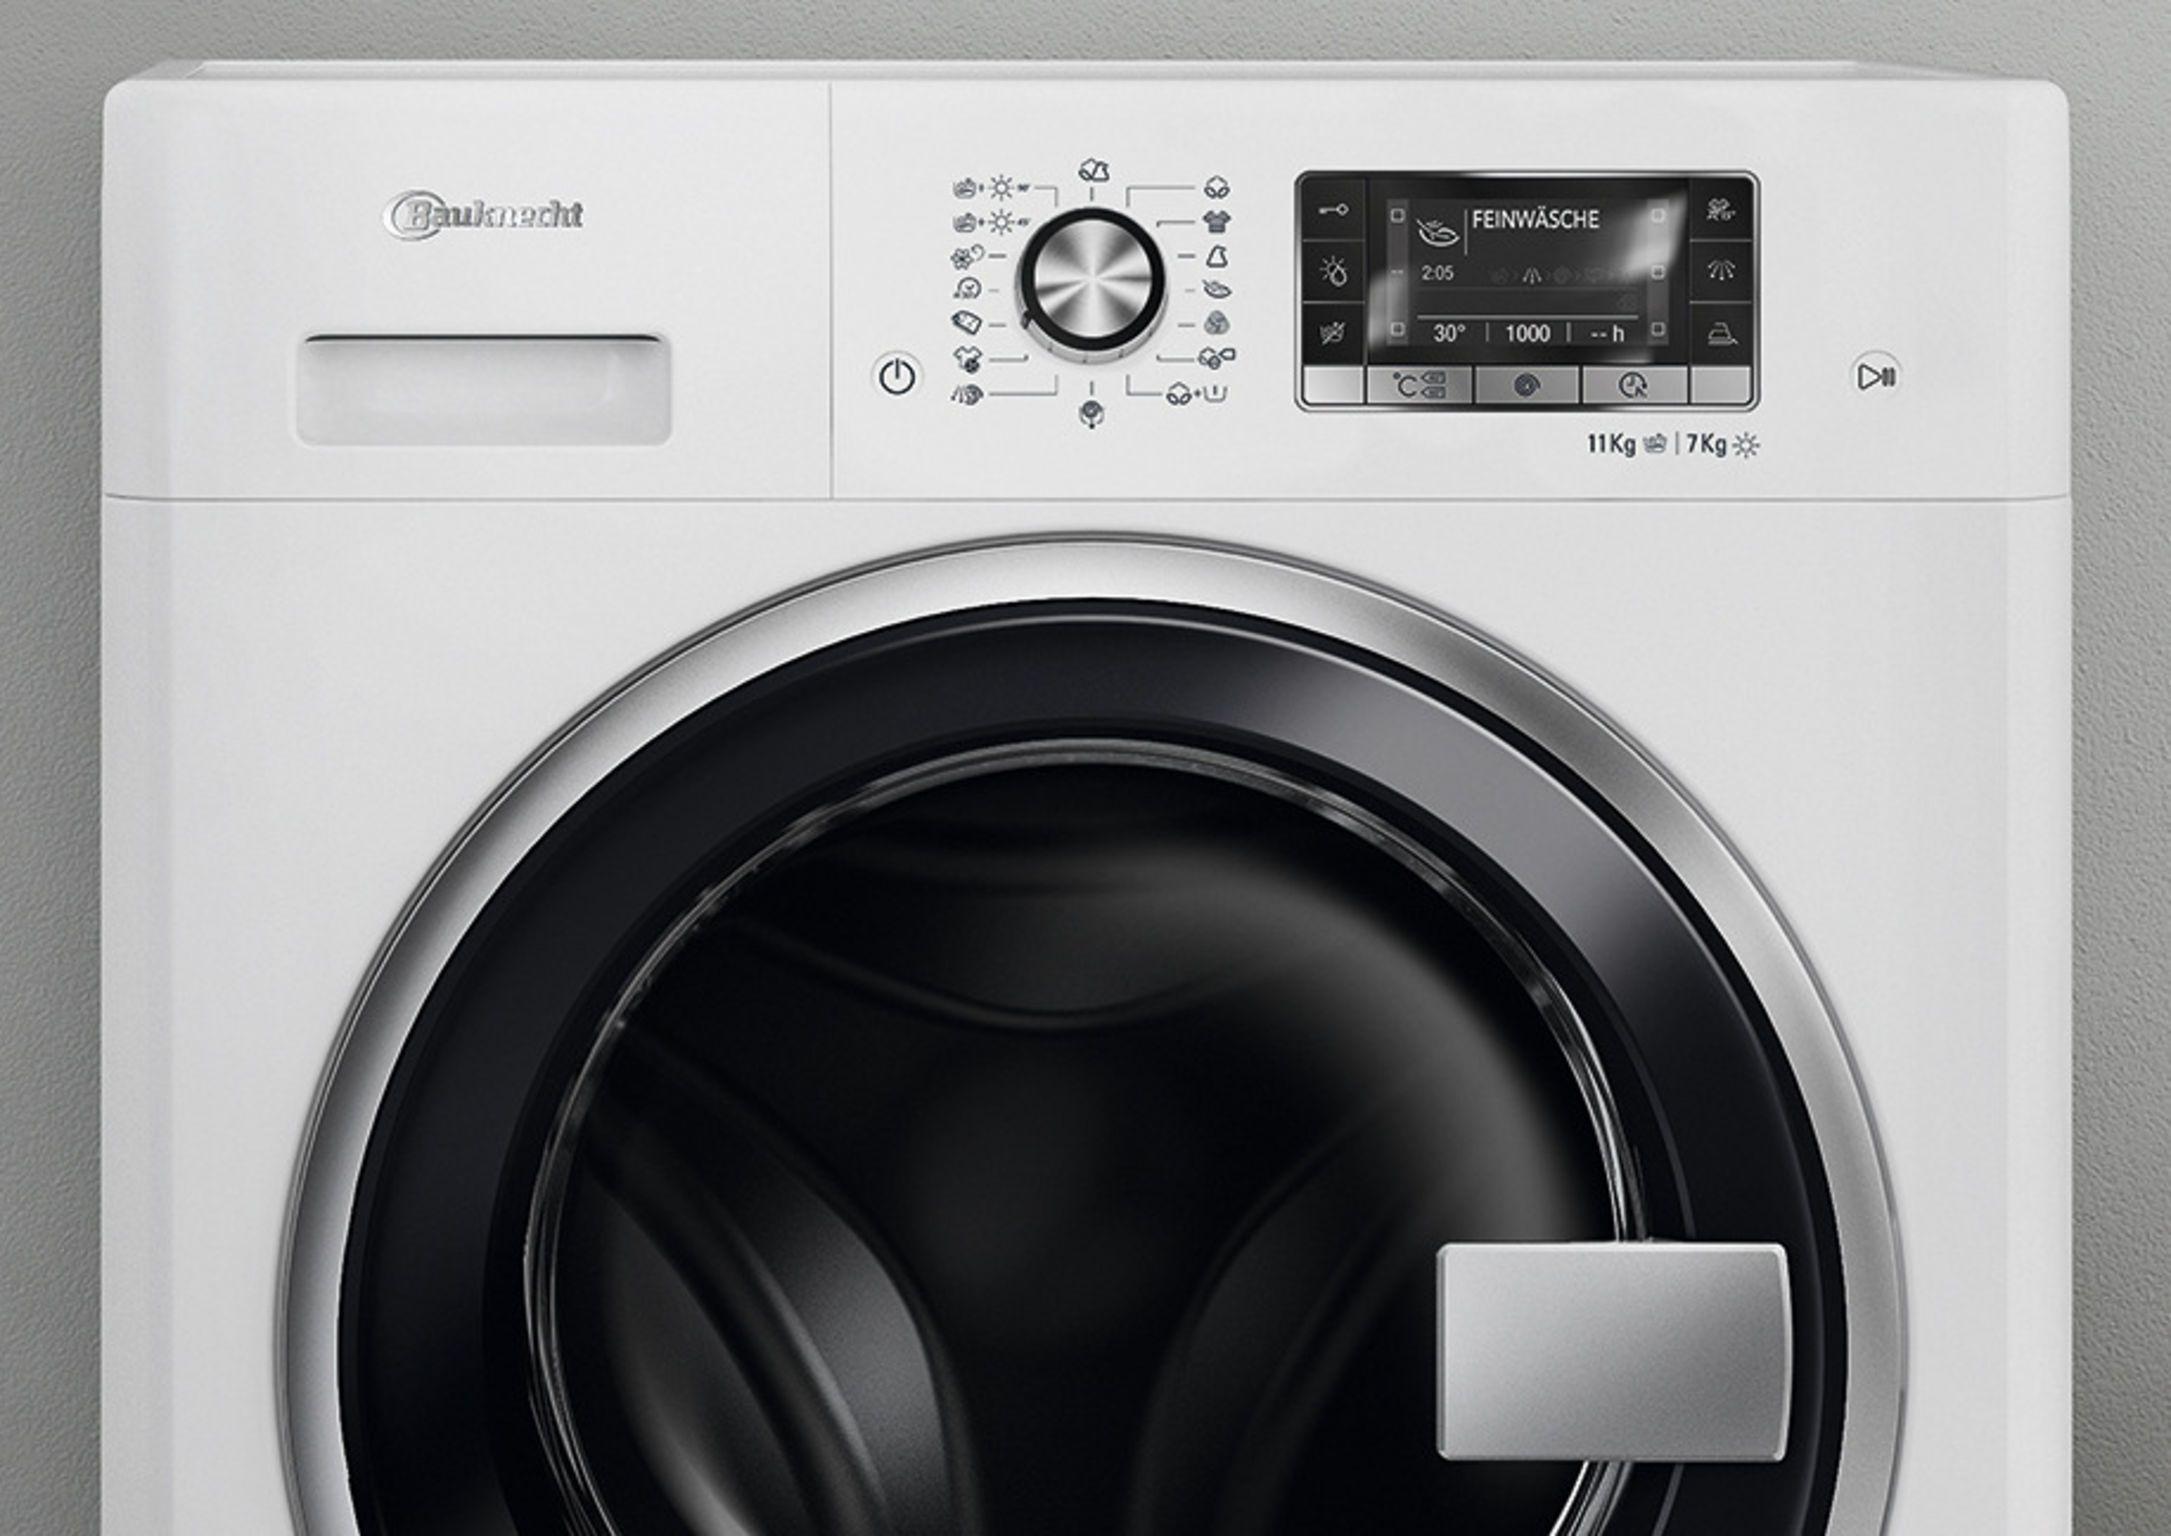 Bauknecht washer dryer